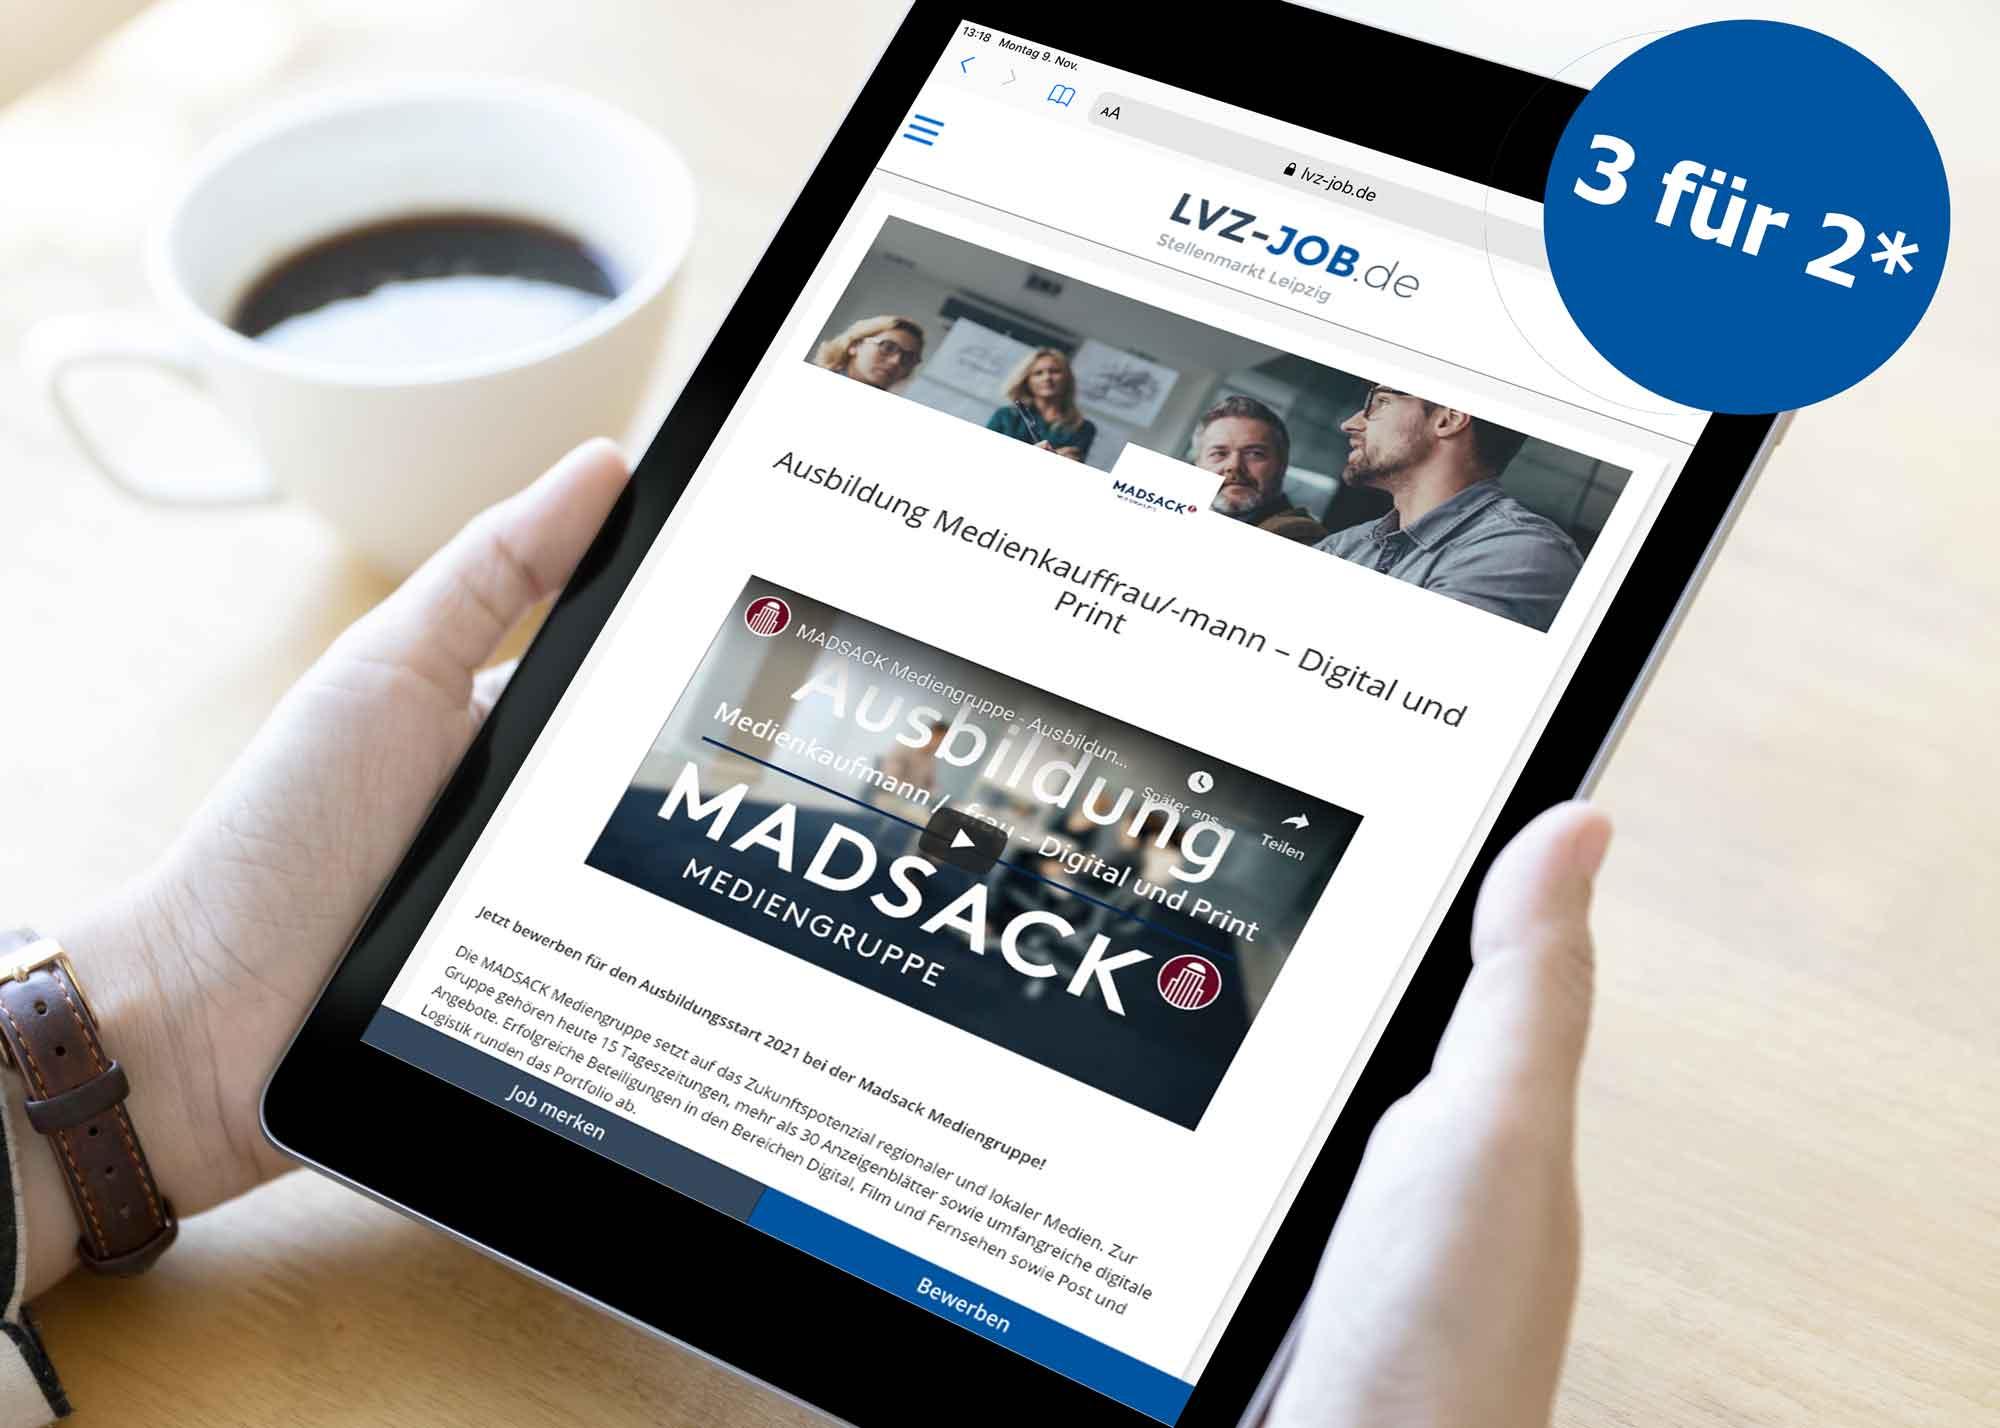 lvz-job.de Online Videostellenanzeige 360